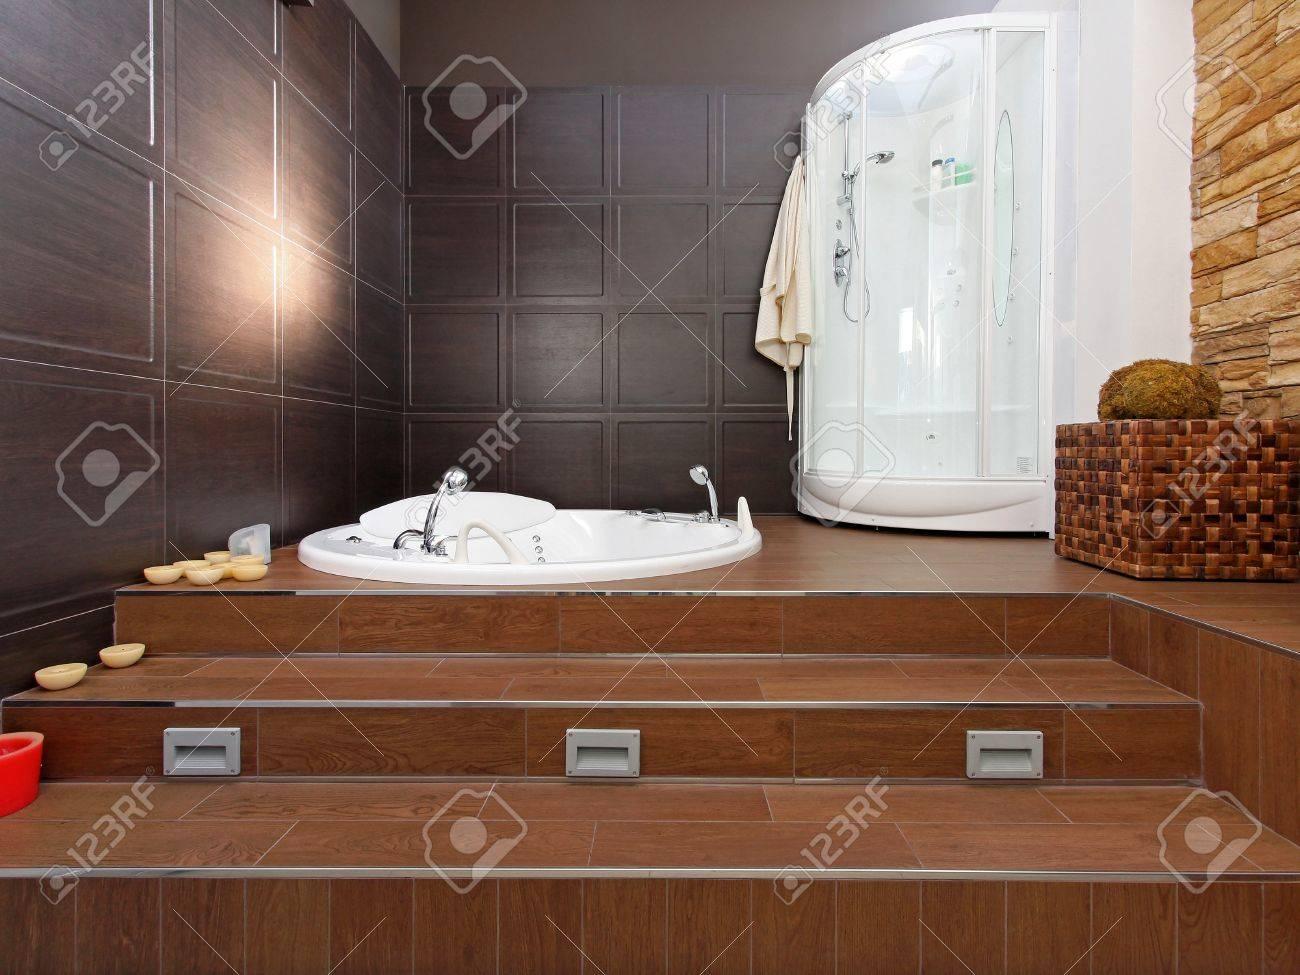 modern interior bagno con vasca idromassaggio e doccia foto ... - Bagni Moderni Con Vasca Idromassaggio